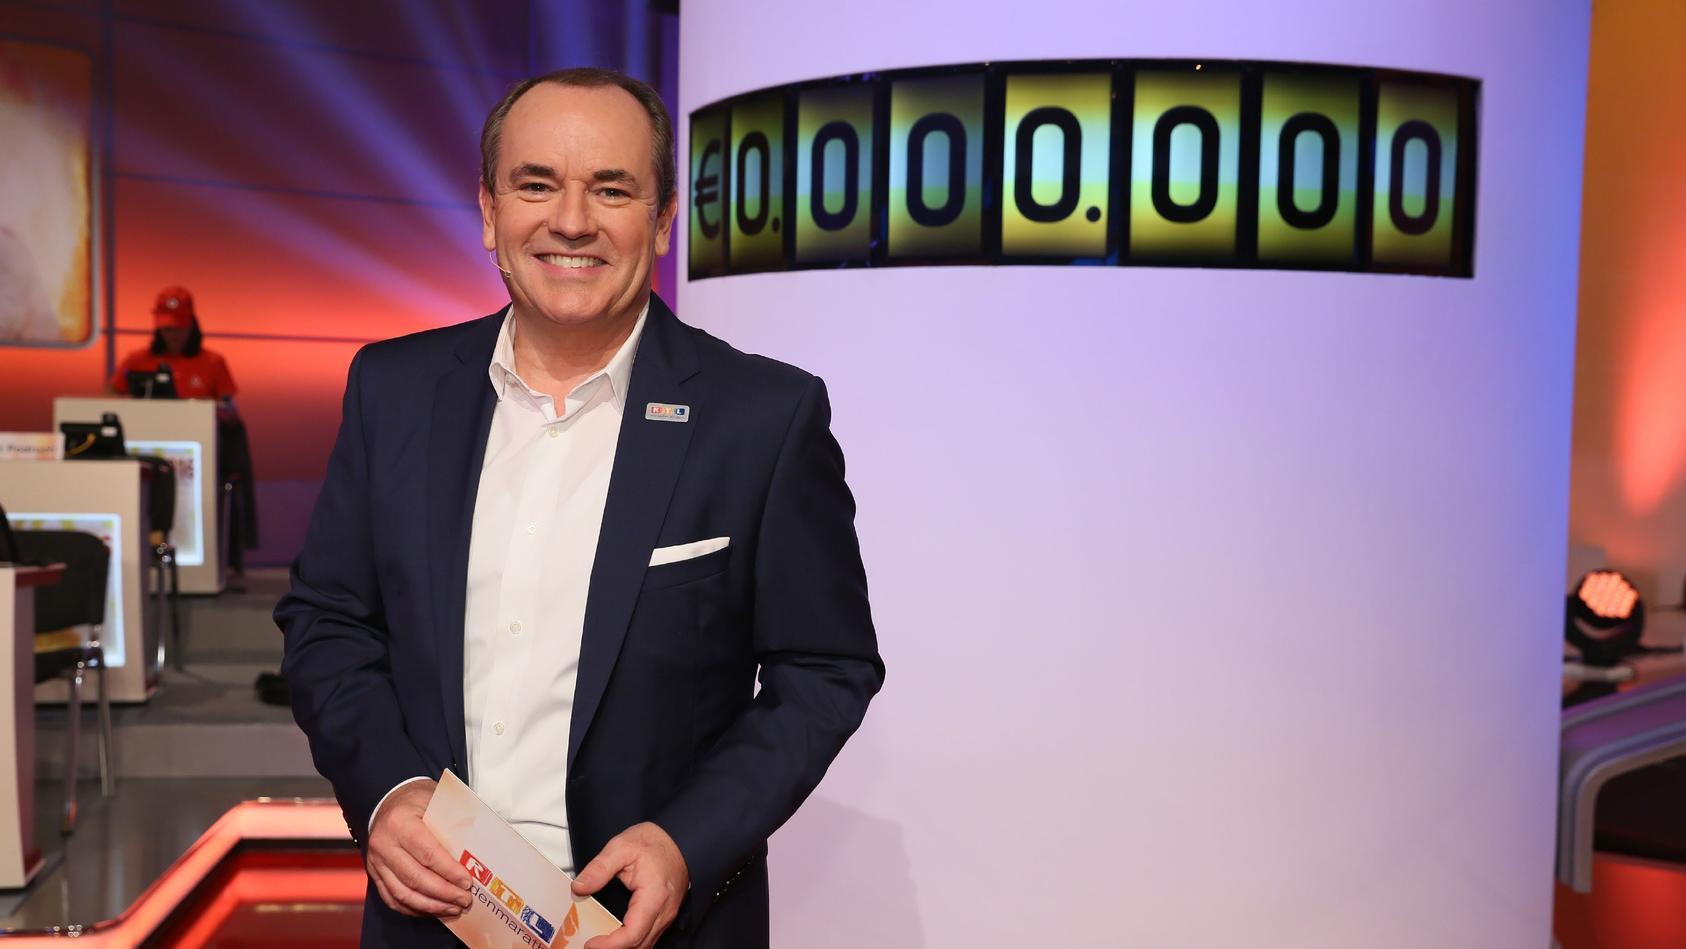 """Bereits zum 22. Mal startet Wolfram Kons die längste Charity-Sendung im deutschen Fernsehen und wird mehr als 24 Stunden lang Gelder für die """"Stiftung RTL - Wir helfen Kindern e.V."""" sammeln."""